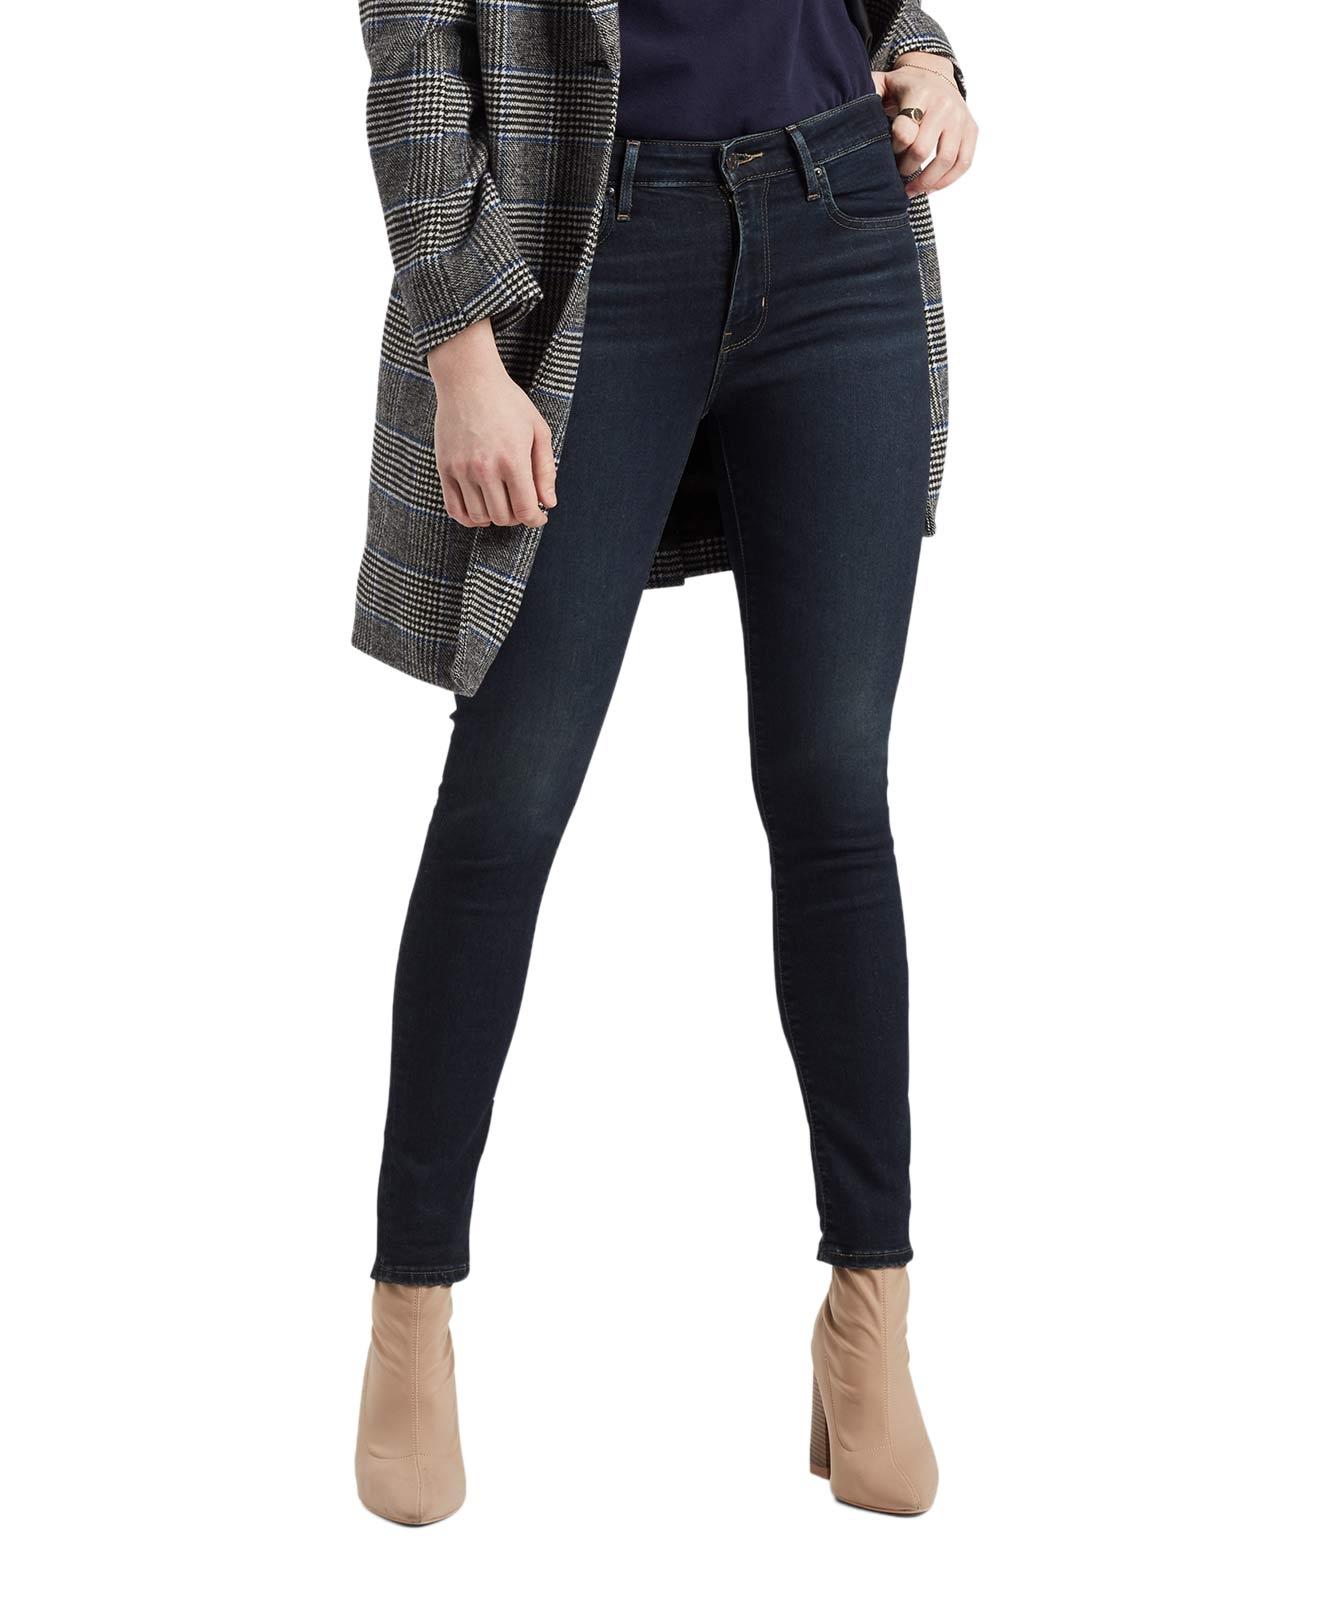 Hosen für Frauen - Levis 721 Jeans mit Vier Wege Power Stretch in London Nights  - Onlineshop Jeans Meile